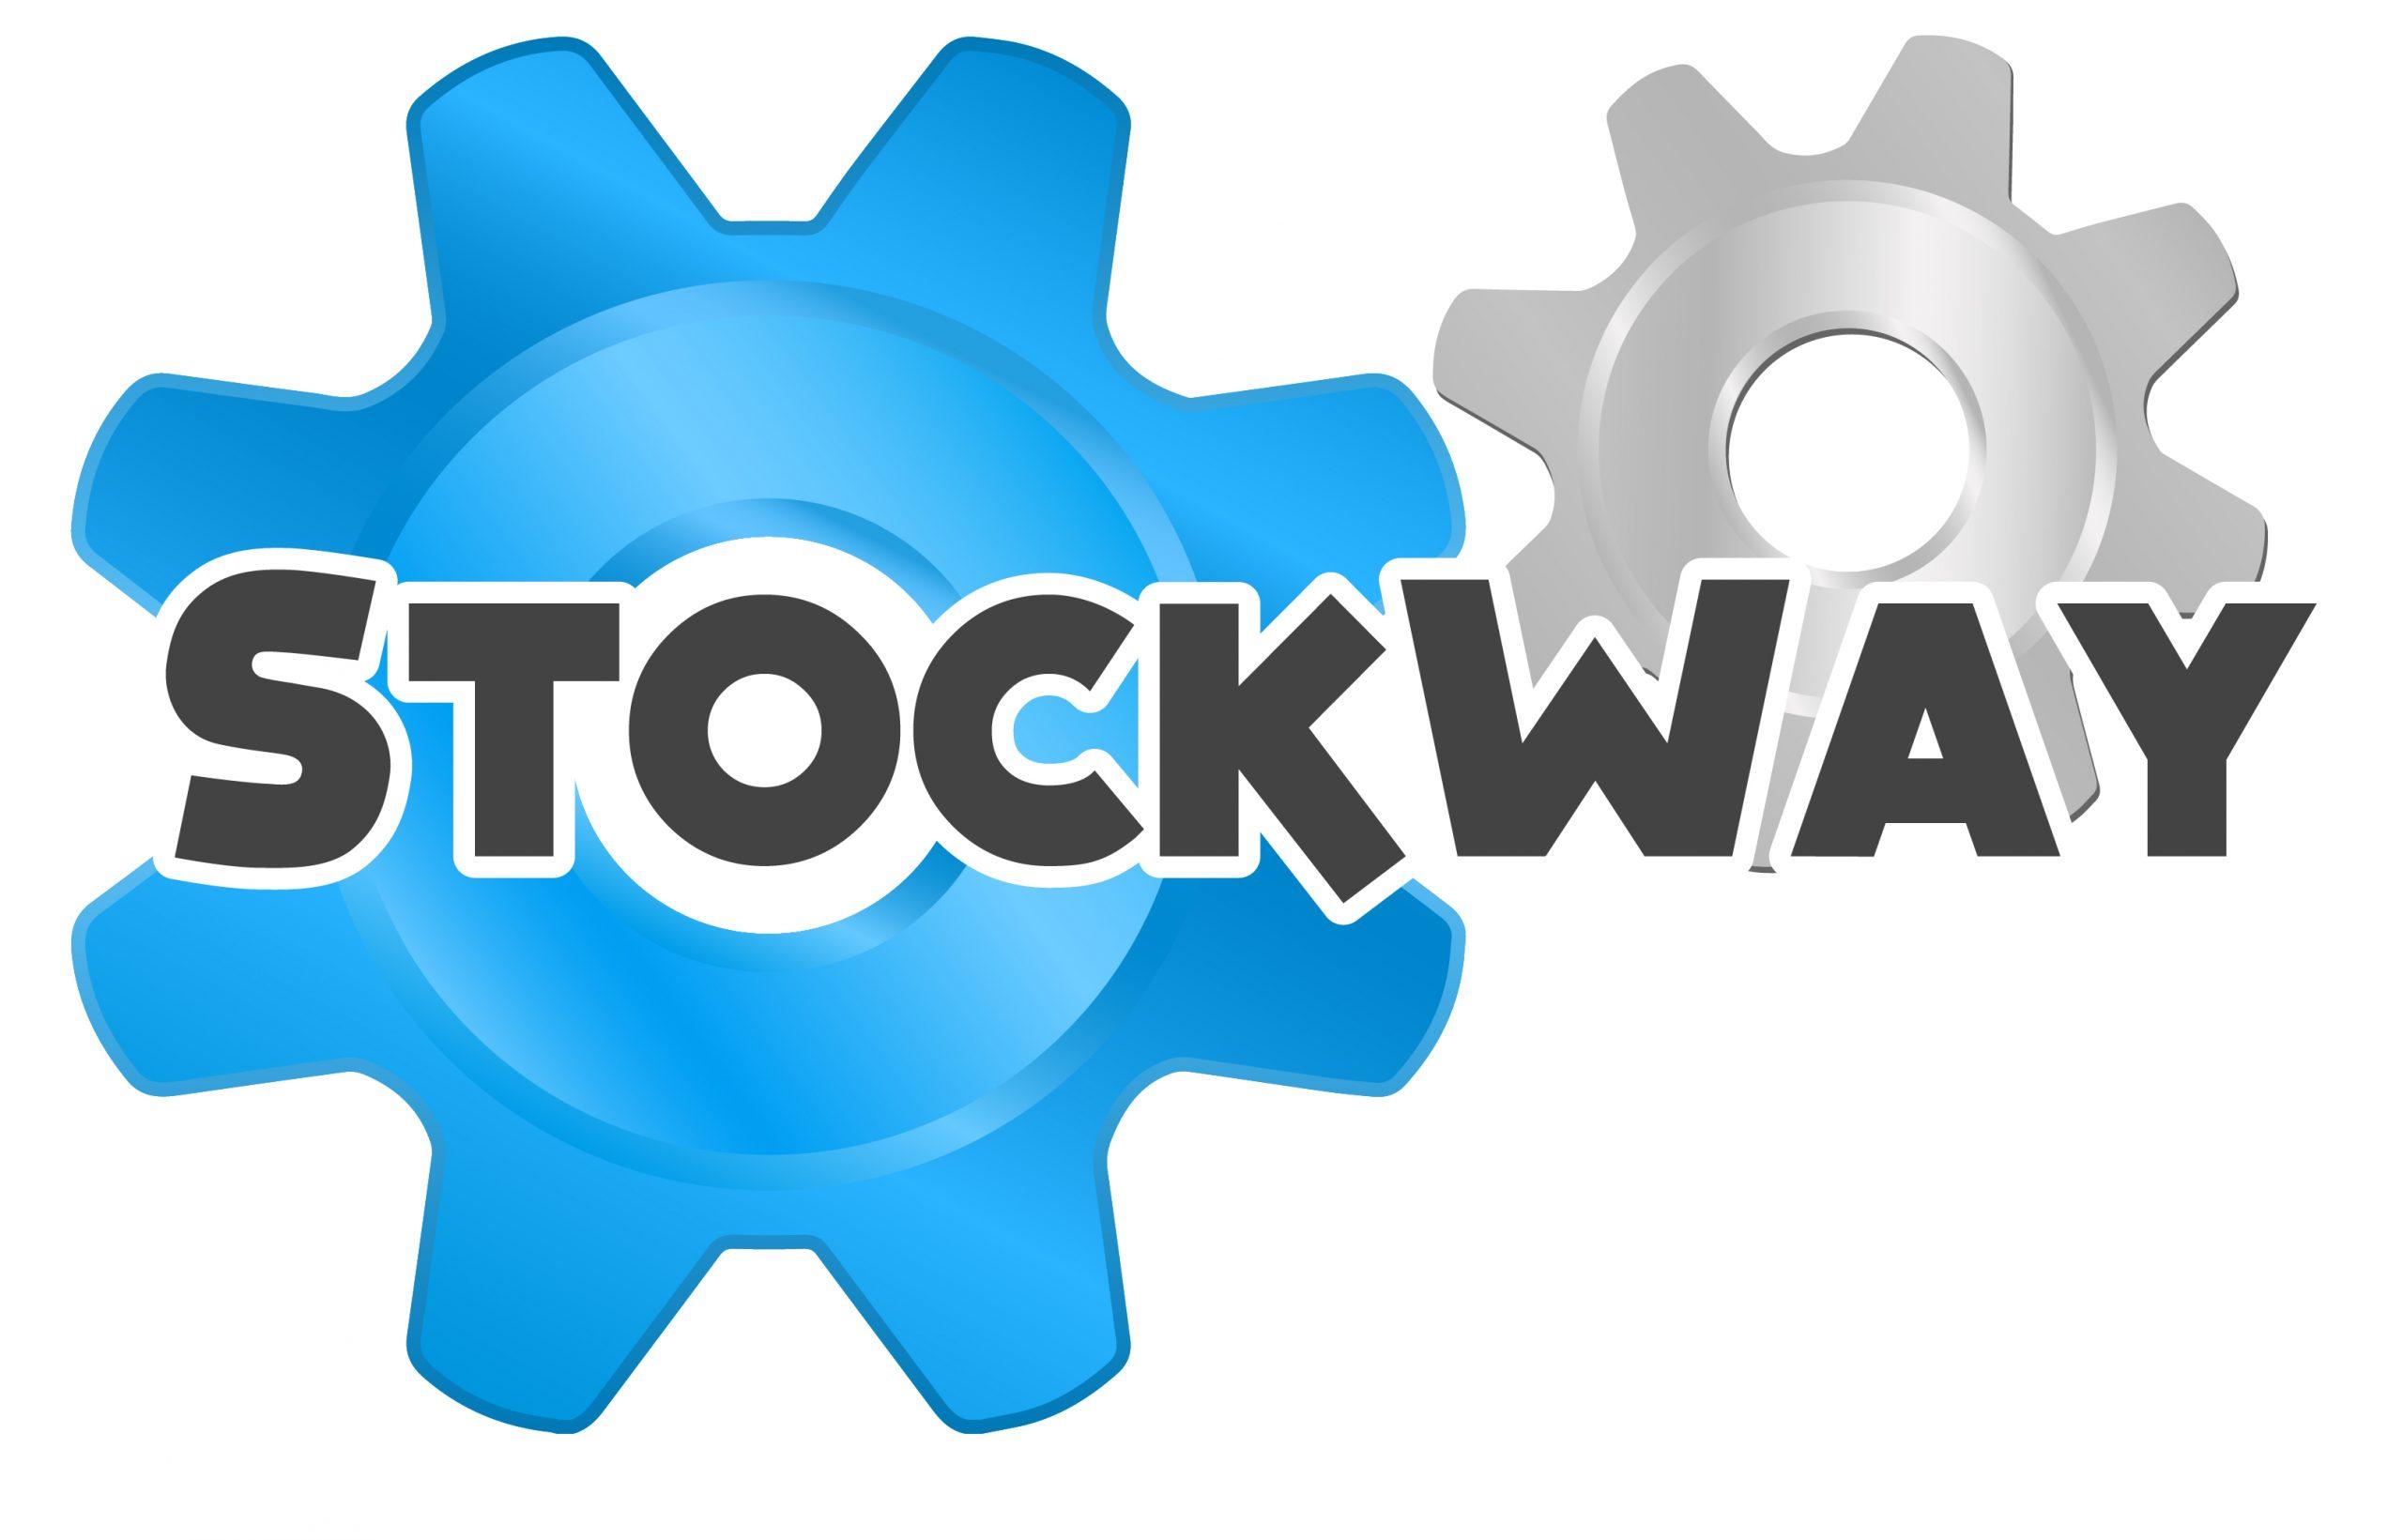 Stockway – Multiveröffentlichungs-Tool für Händler